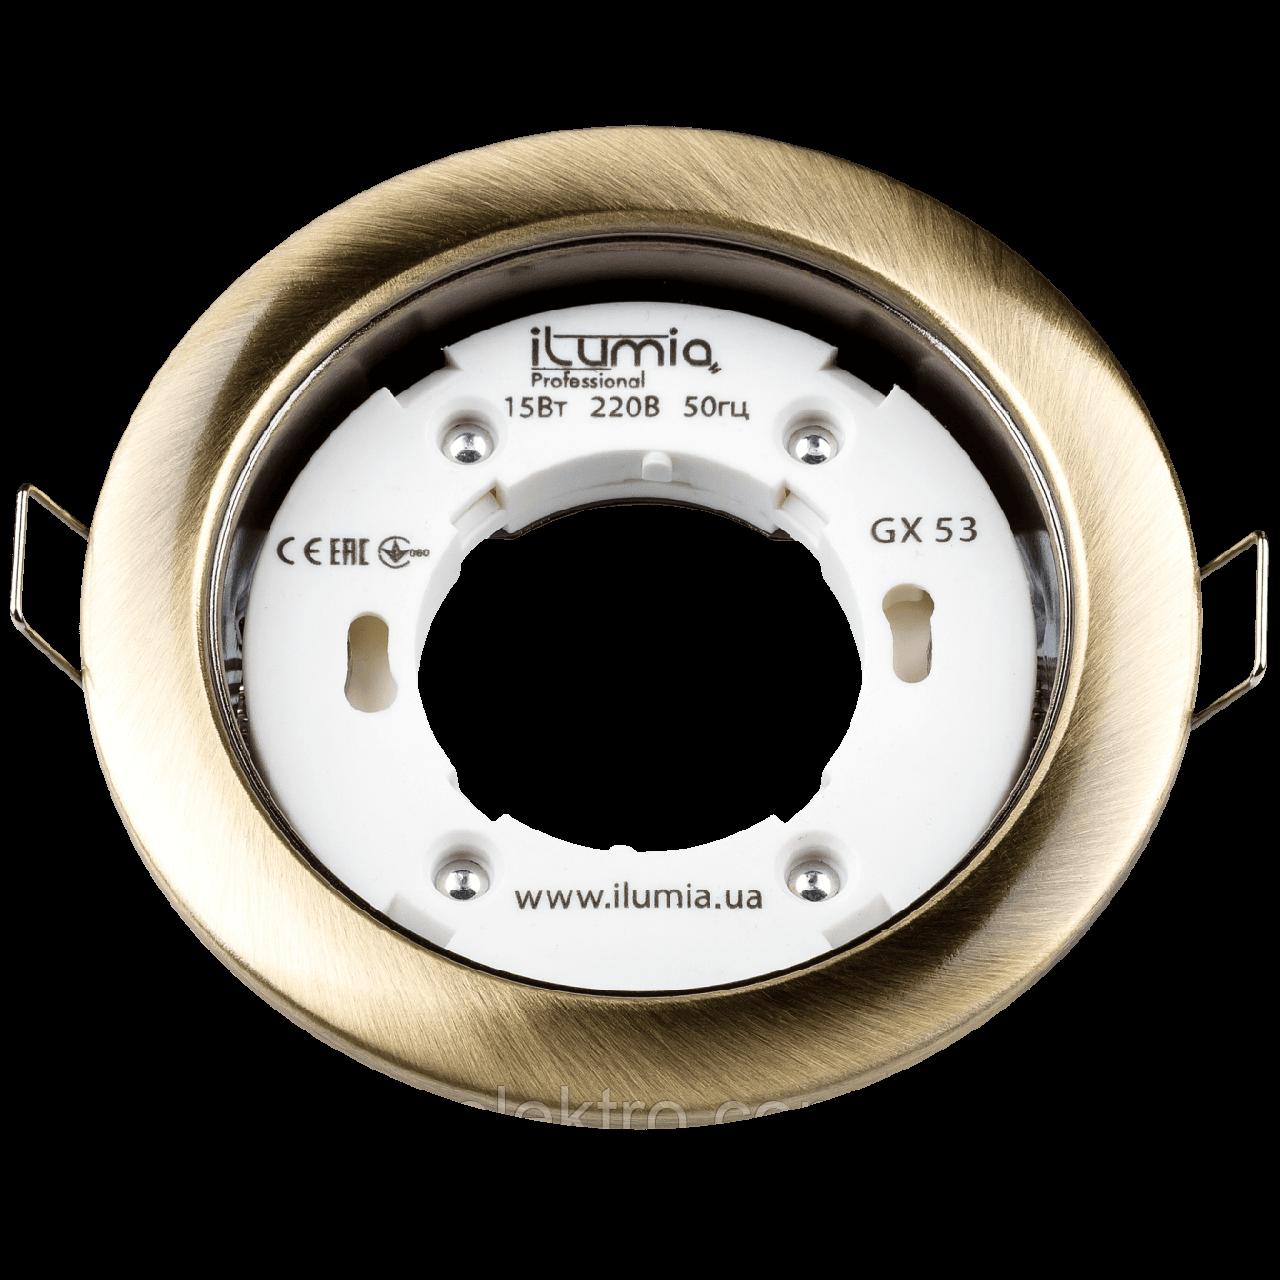 Світильник Ilumia під лампу GX53 Латунь 90mm коло врізний (052)